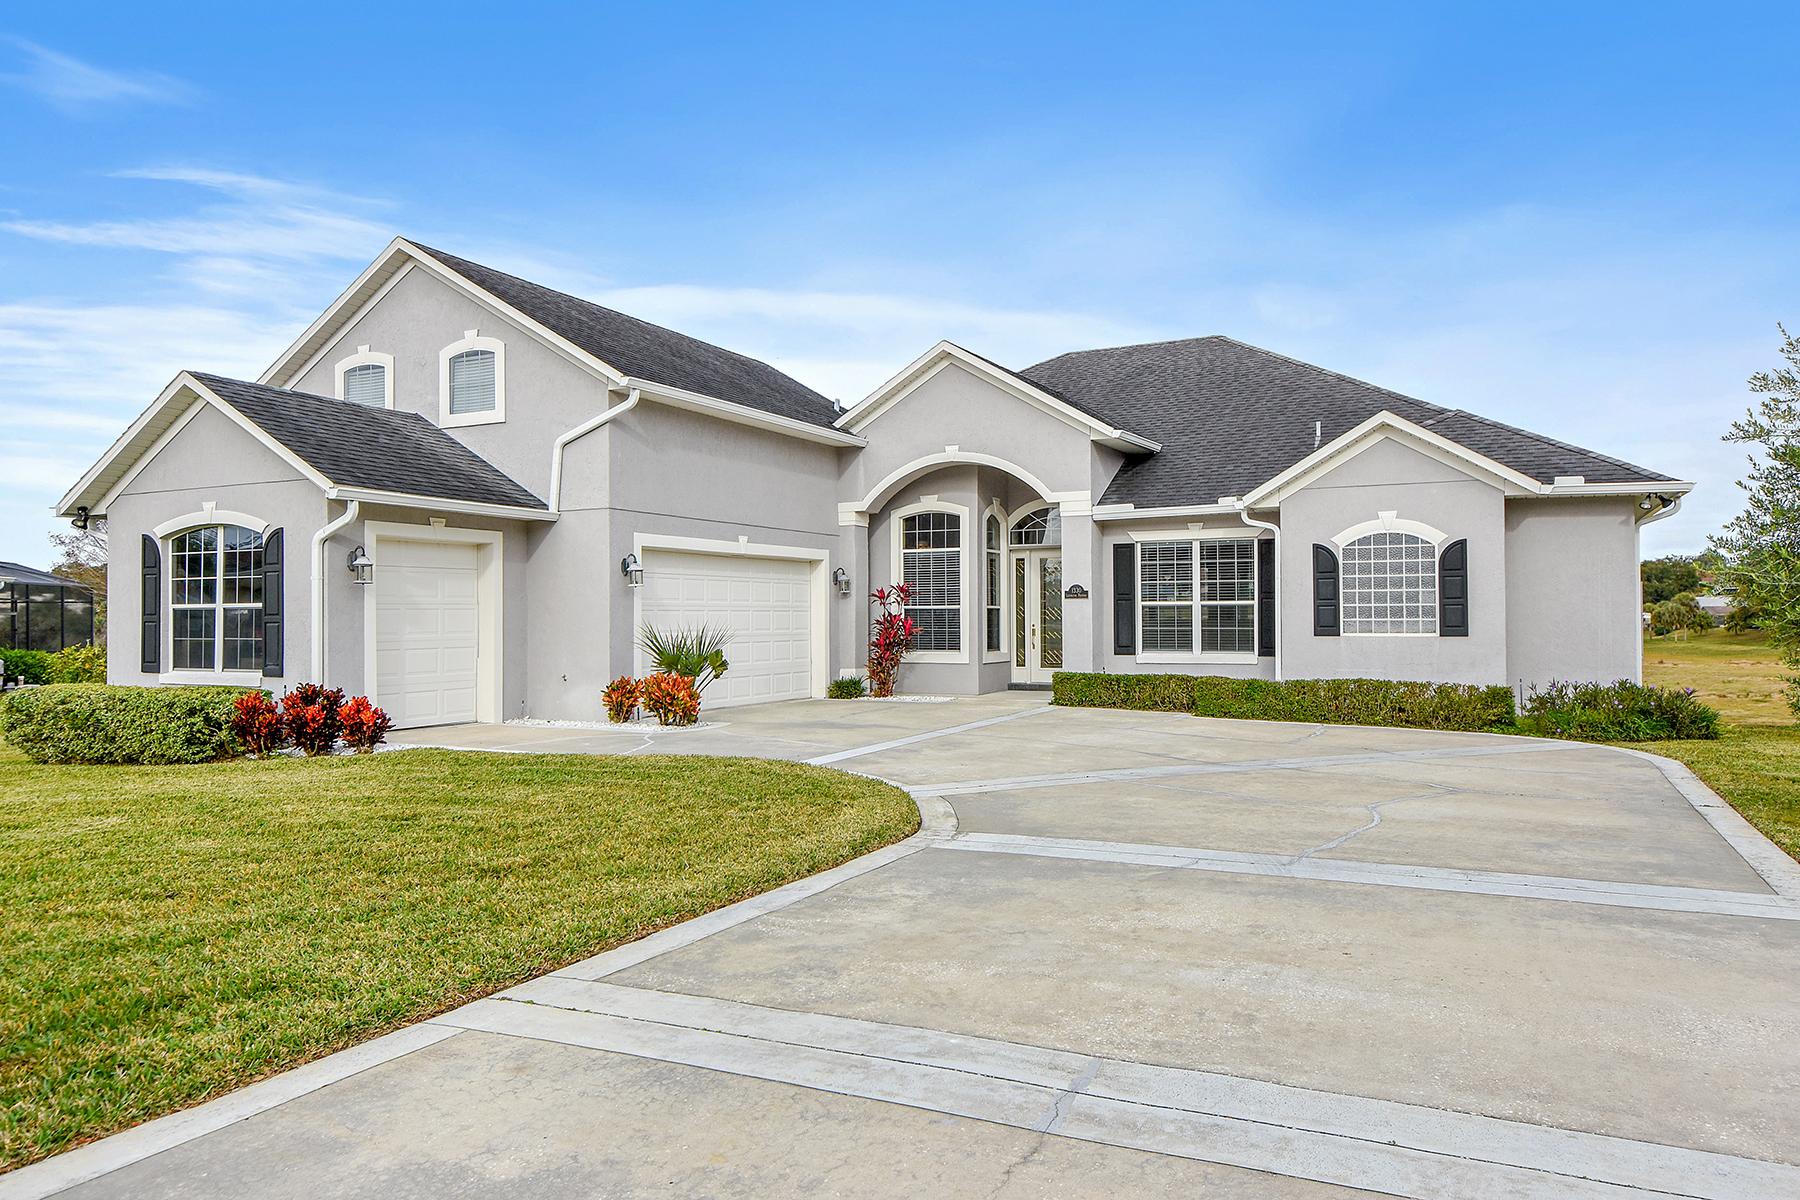 Einfamilienhaus für Verkauf beim APOPKA-ORLANDO 1330 Lexington Pkwy Apopka, Florida 32712 Vereinigte Staaten